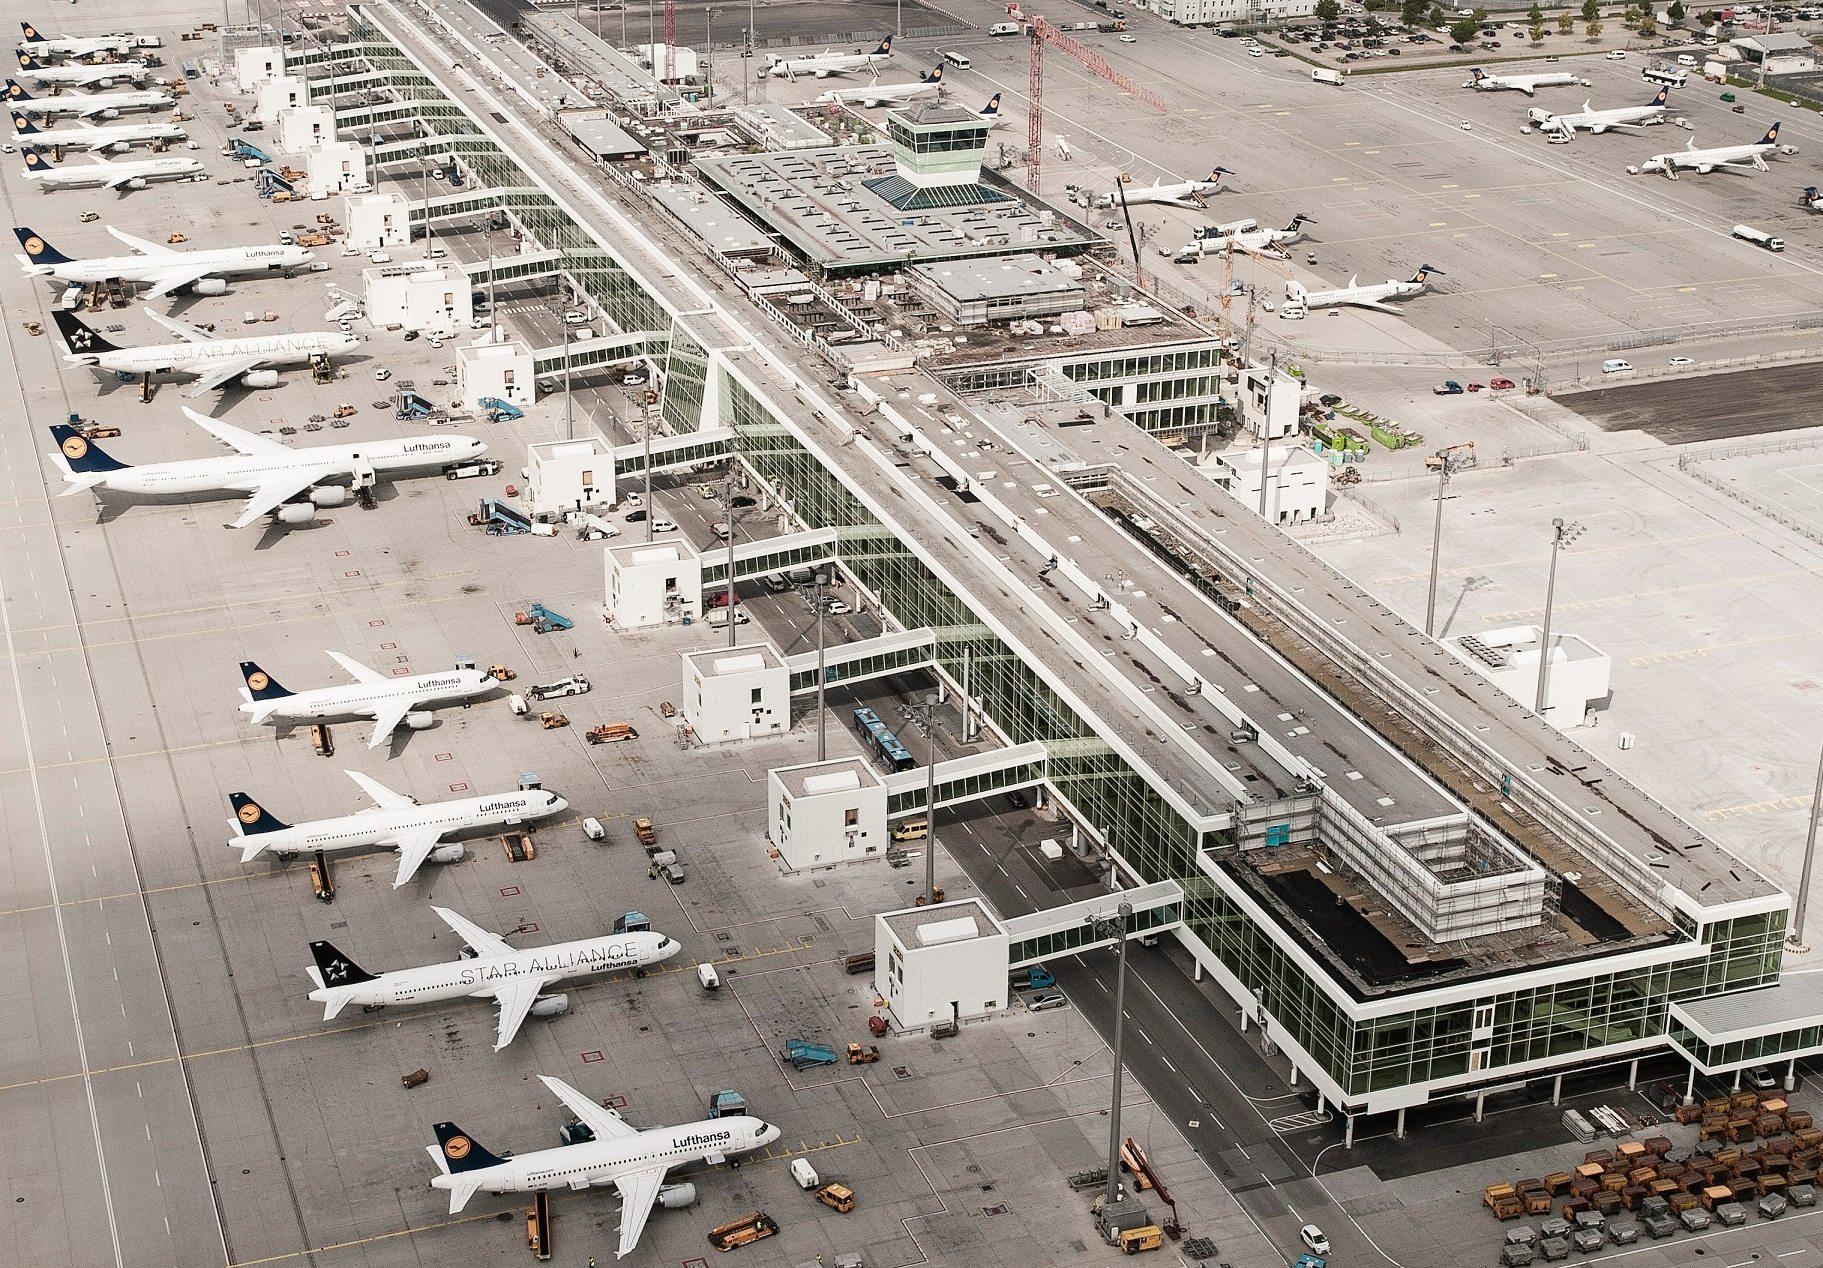 München lufthavn.